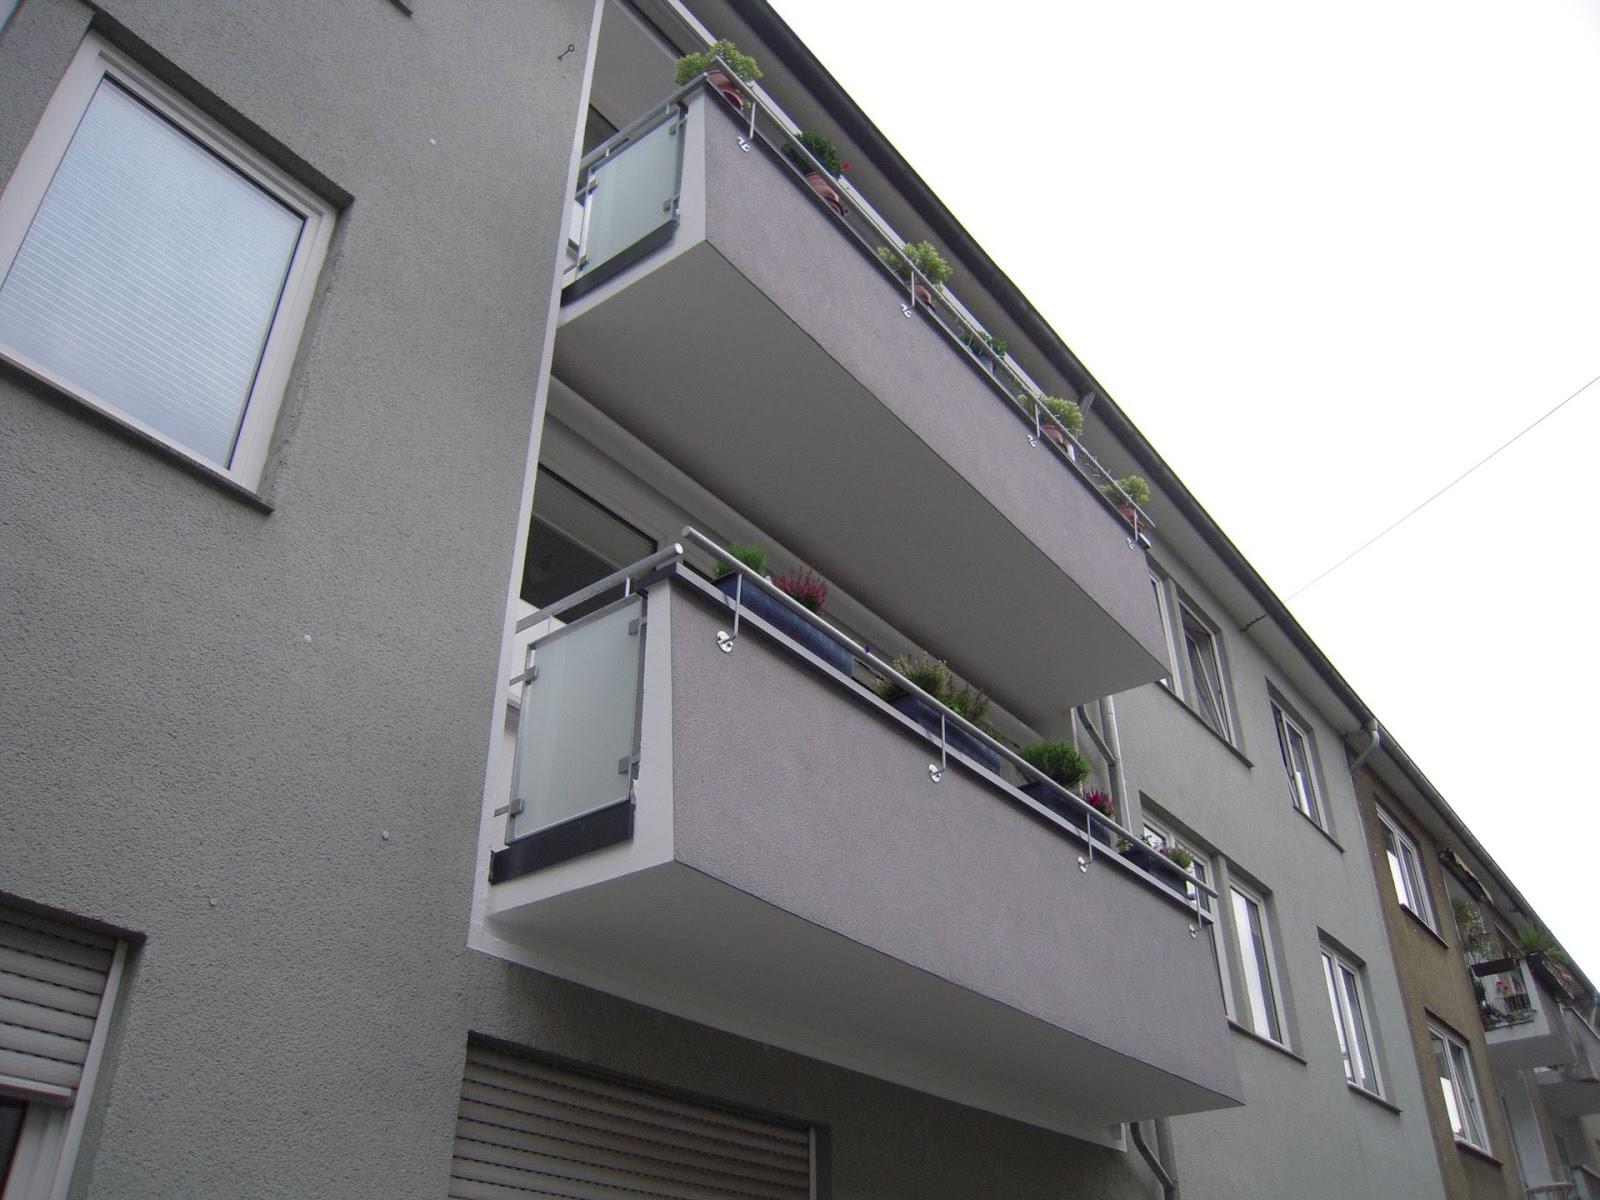 balkon gel ndererh hung. Black Bedroom Furniture Sets. Home Design Ideas